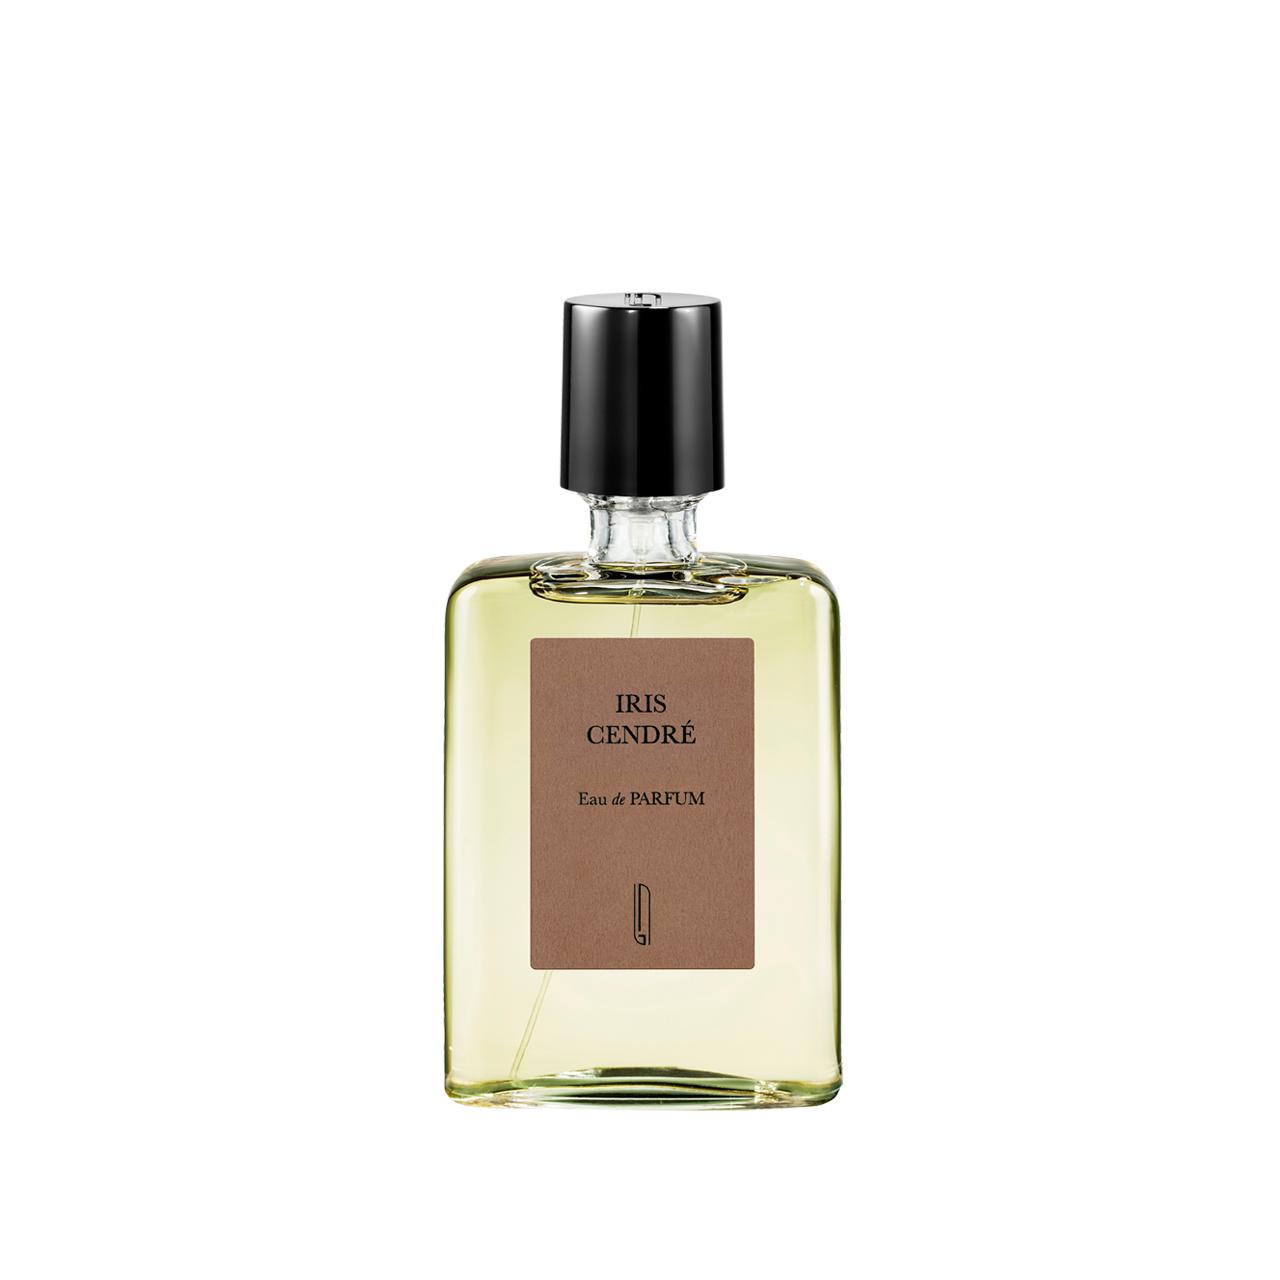 IRIS CENDRE - Eau de Parfum